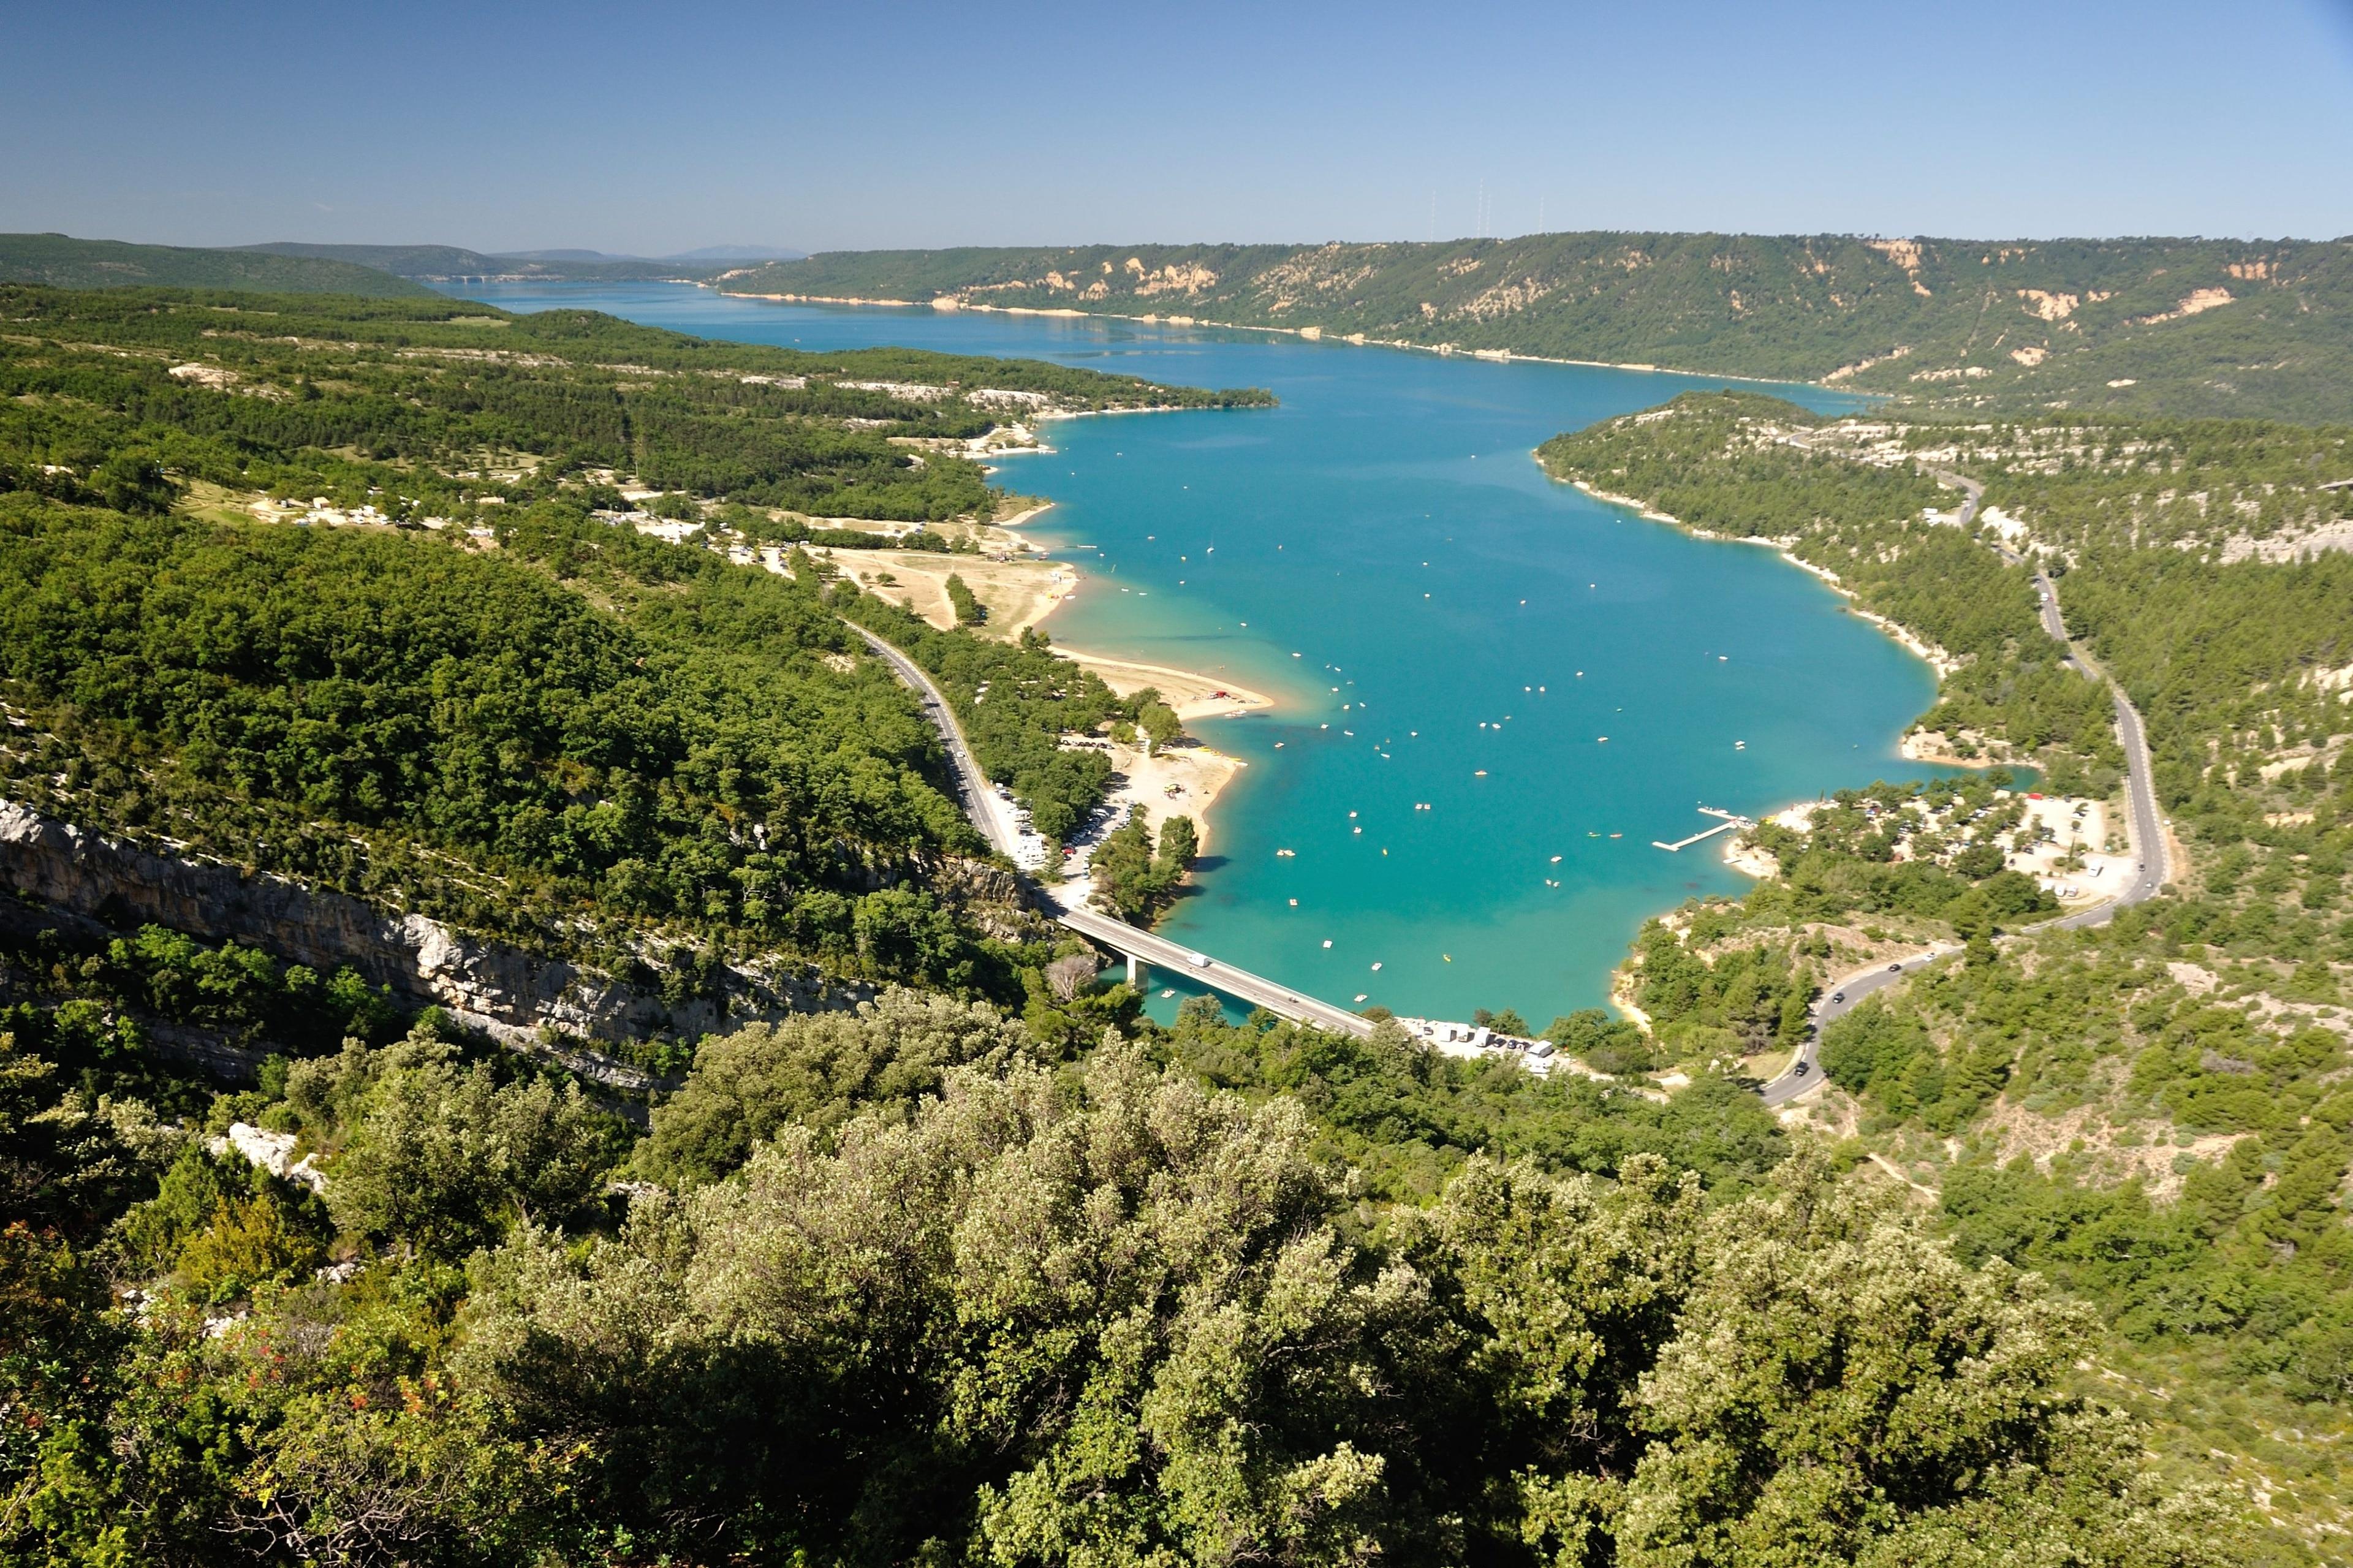 Lac de Sainte-Croix, Frankreich